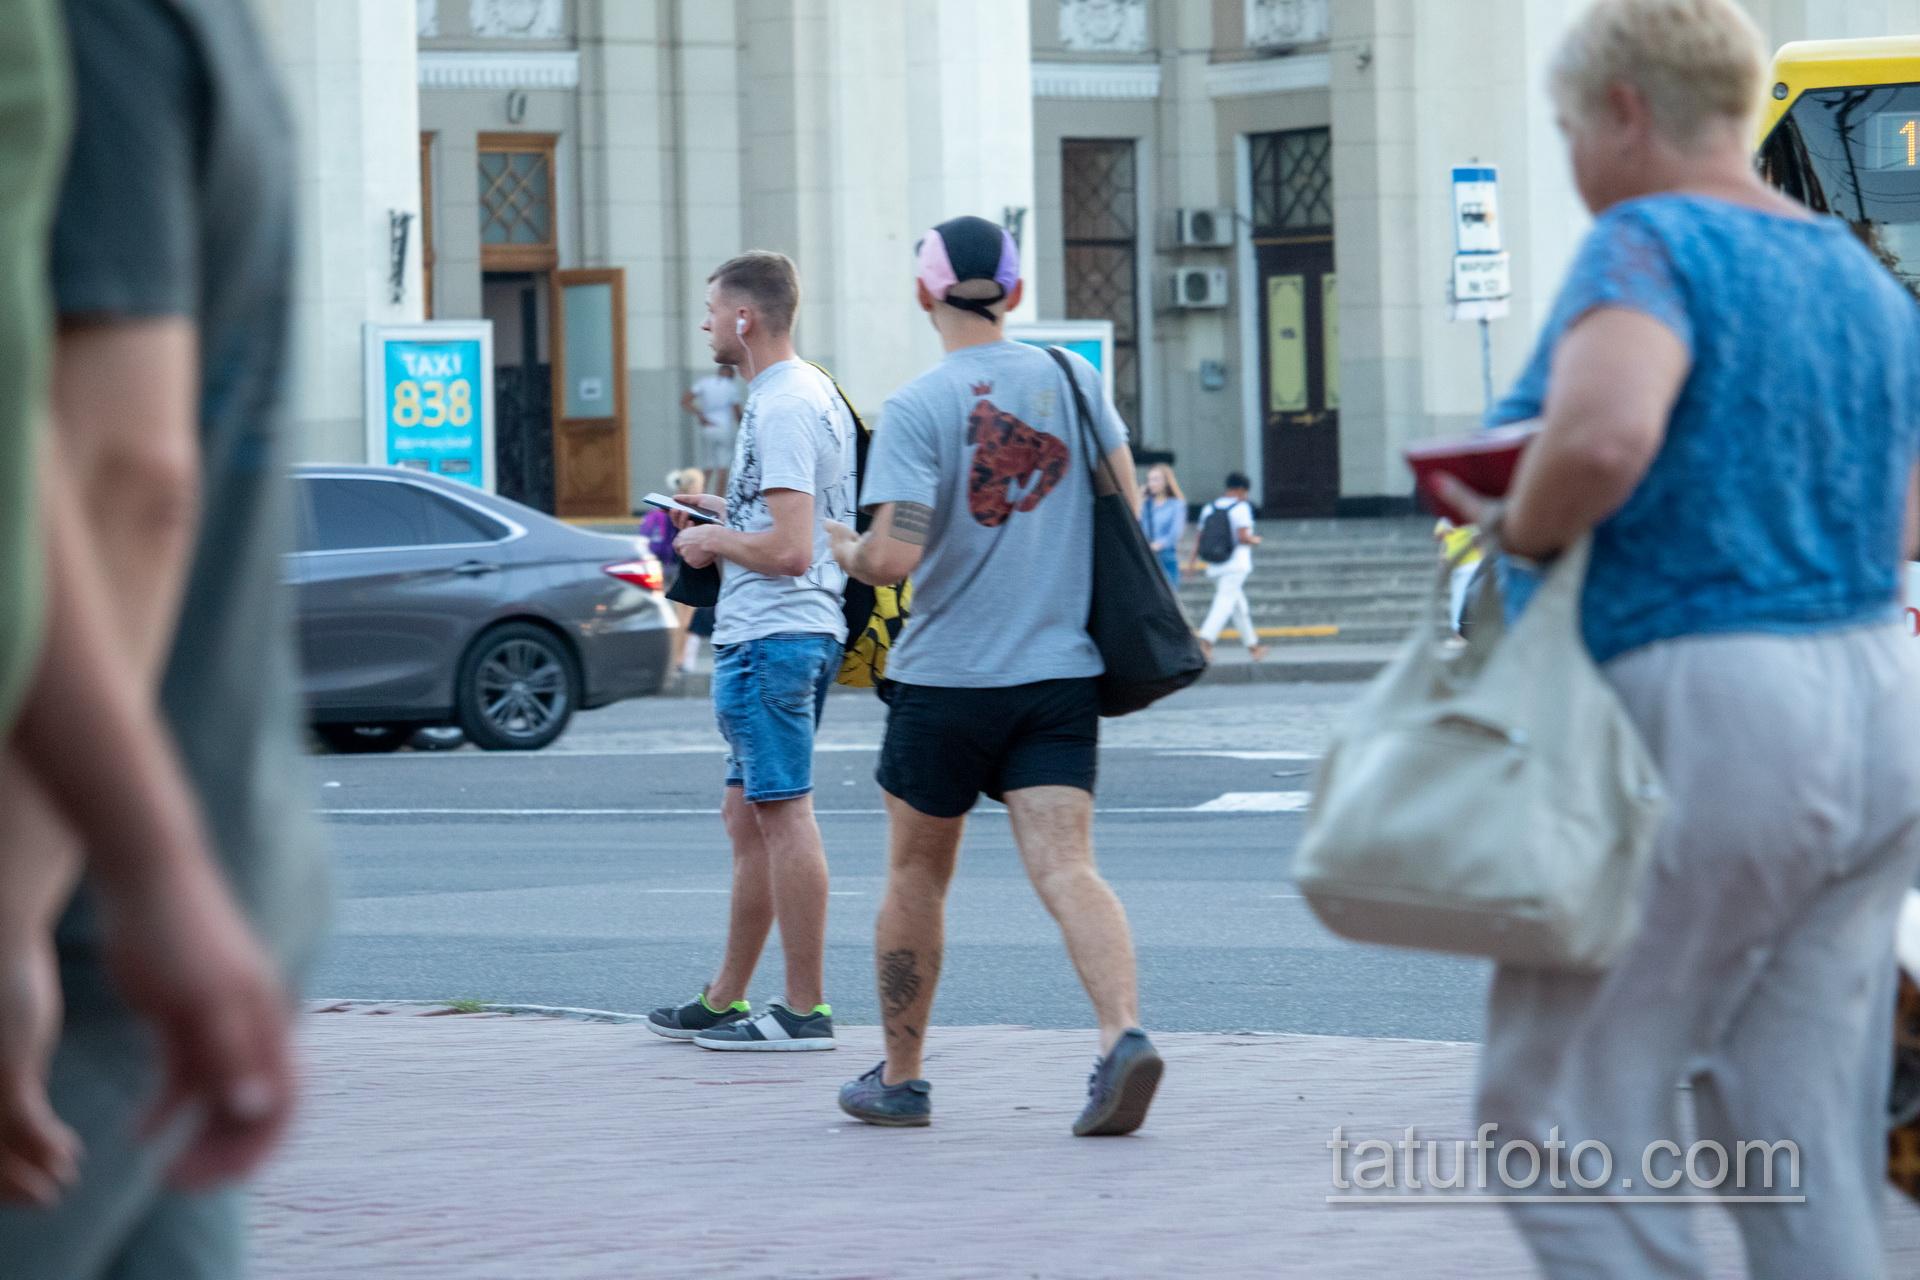 Тату с колючей проволокой – надписями – датами и паутиной на ноге парня - Уличная татуировка 14.09.2020 – tatufoto.com 2